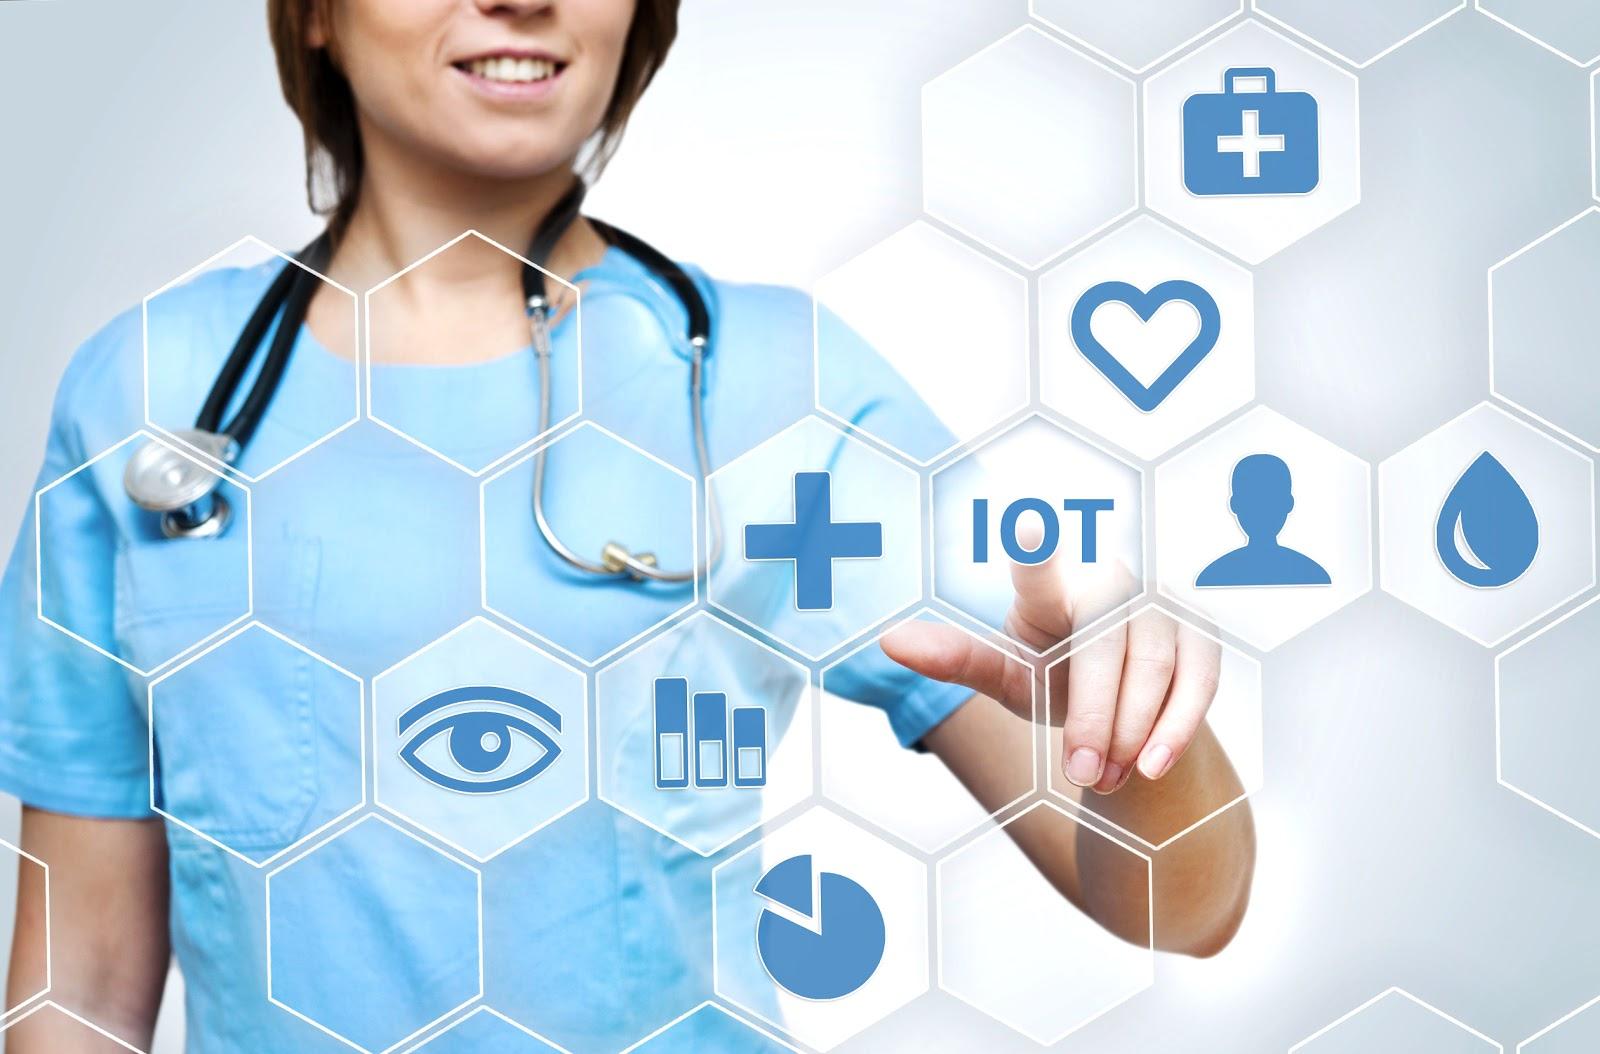 Existe alguma chance de que a Internet das coisas mude a medicina?